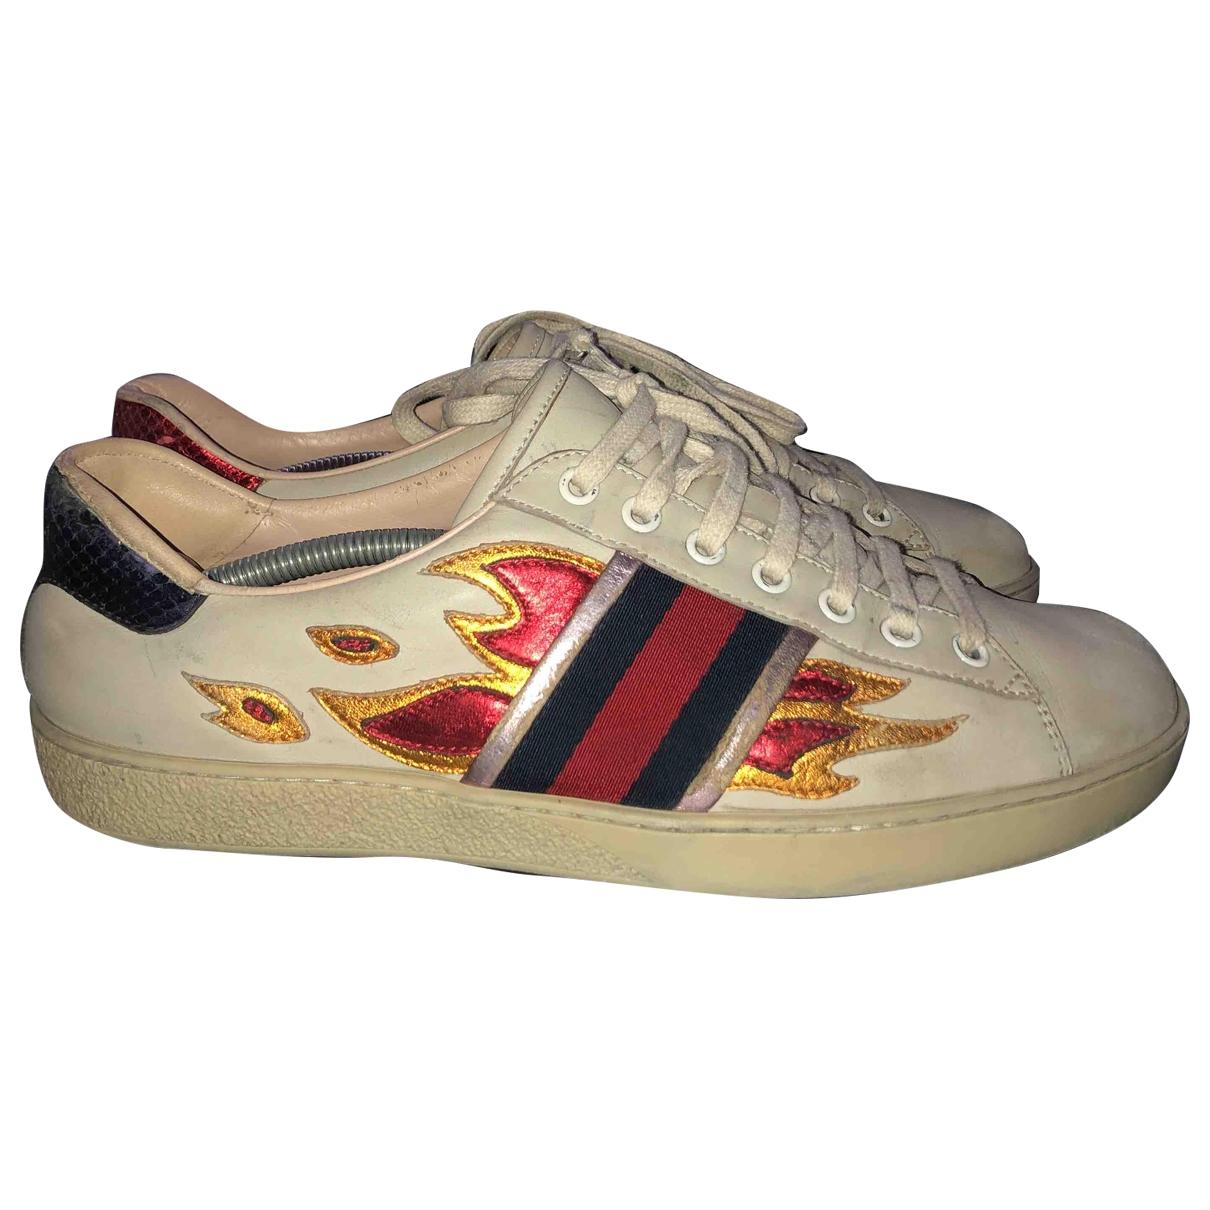 Gucci - Baskets Ace pour homme en cuir